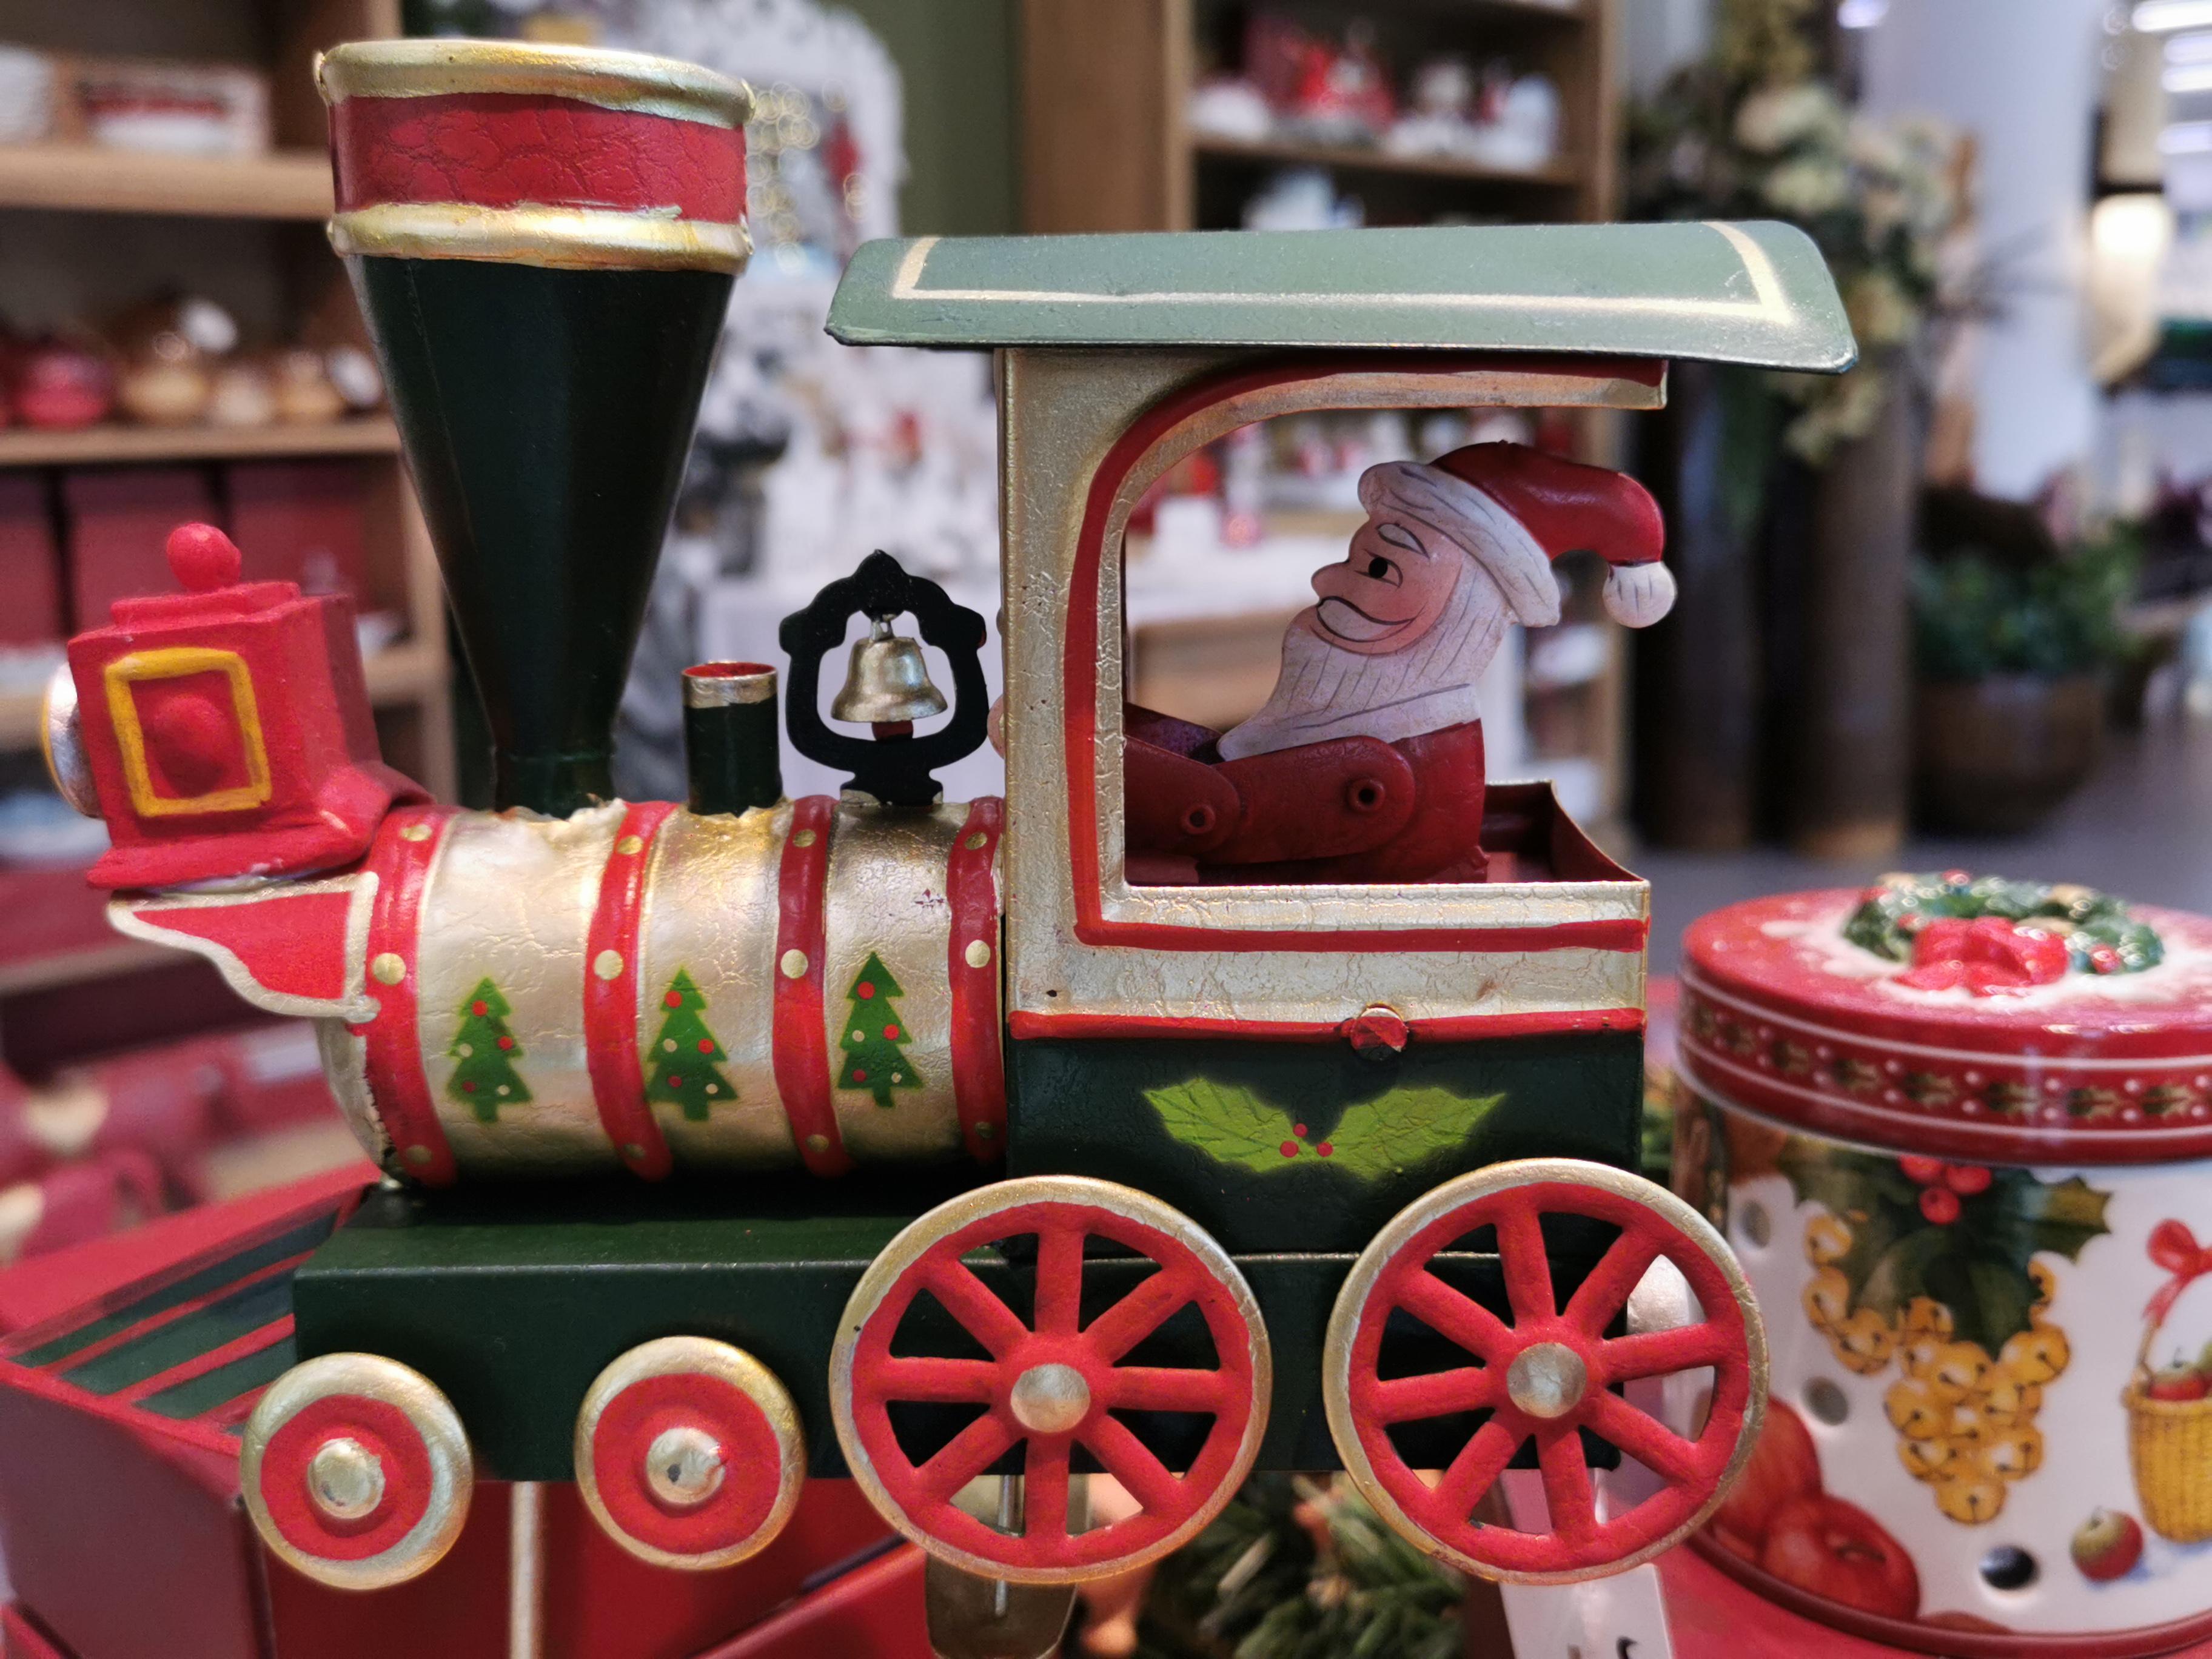 Rendete magico il vostro Natale!! Vi aspettiamo in negozio con tante novità..